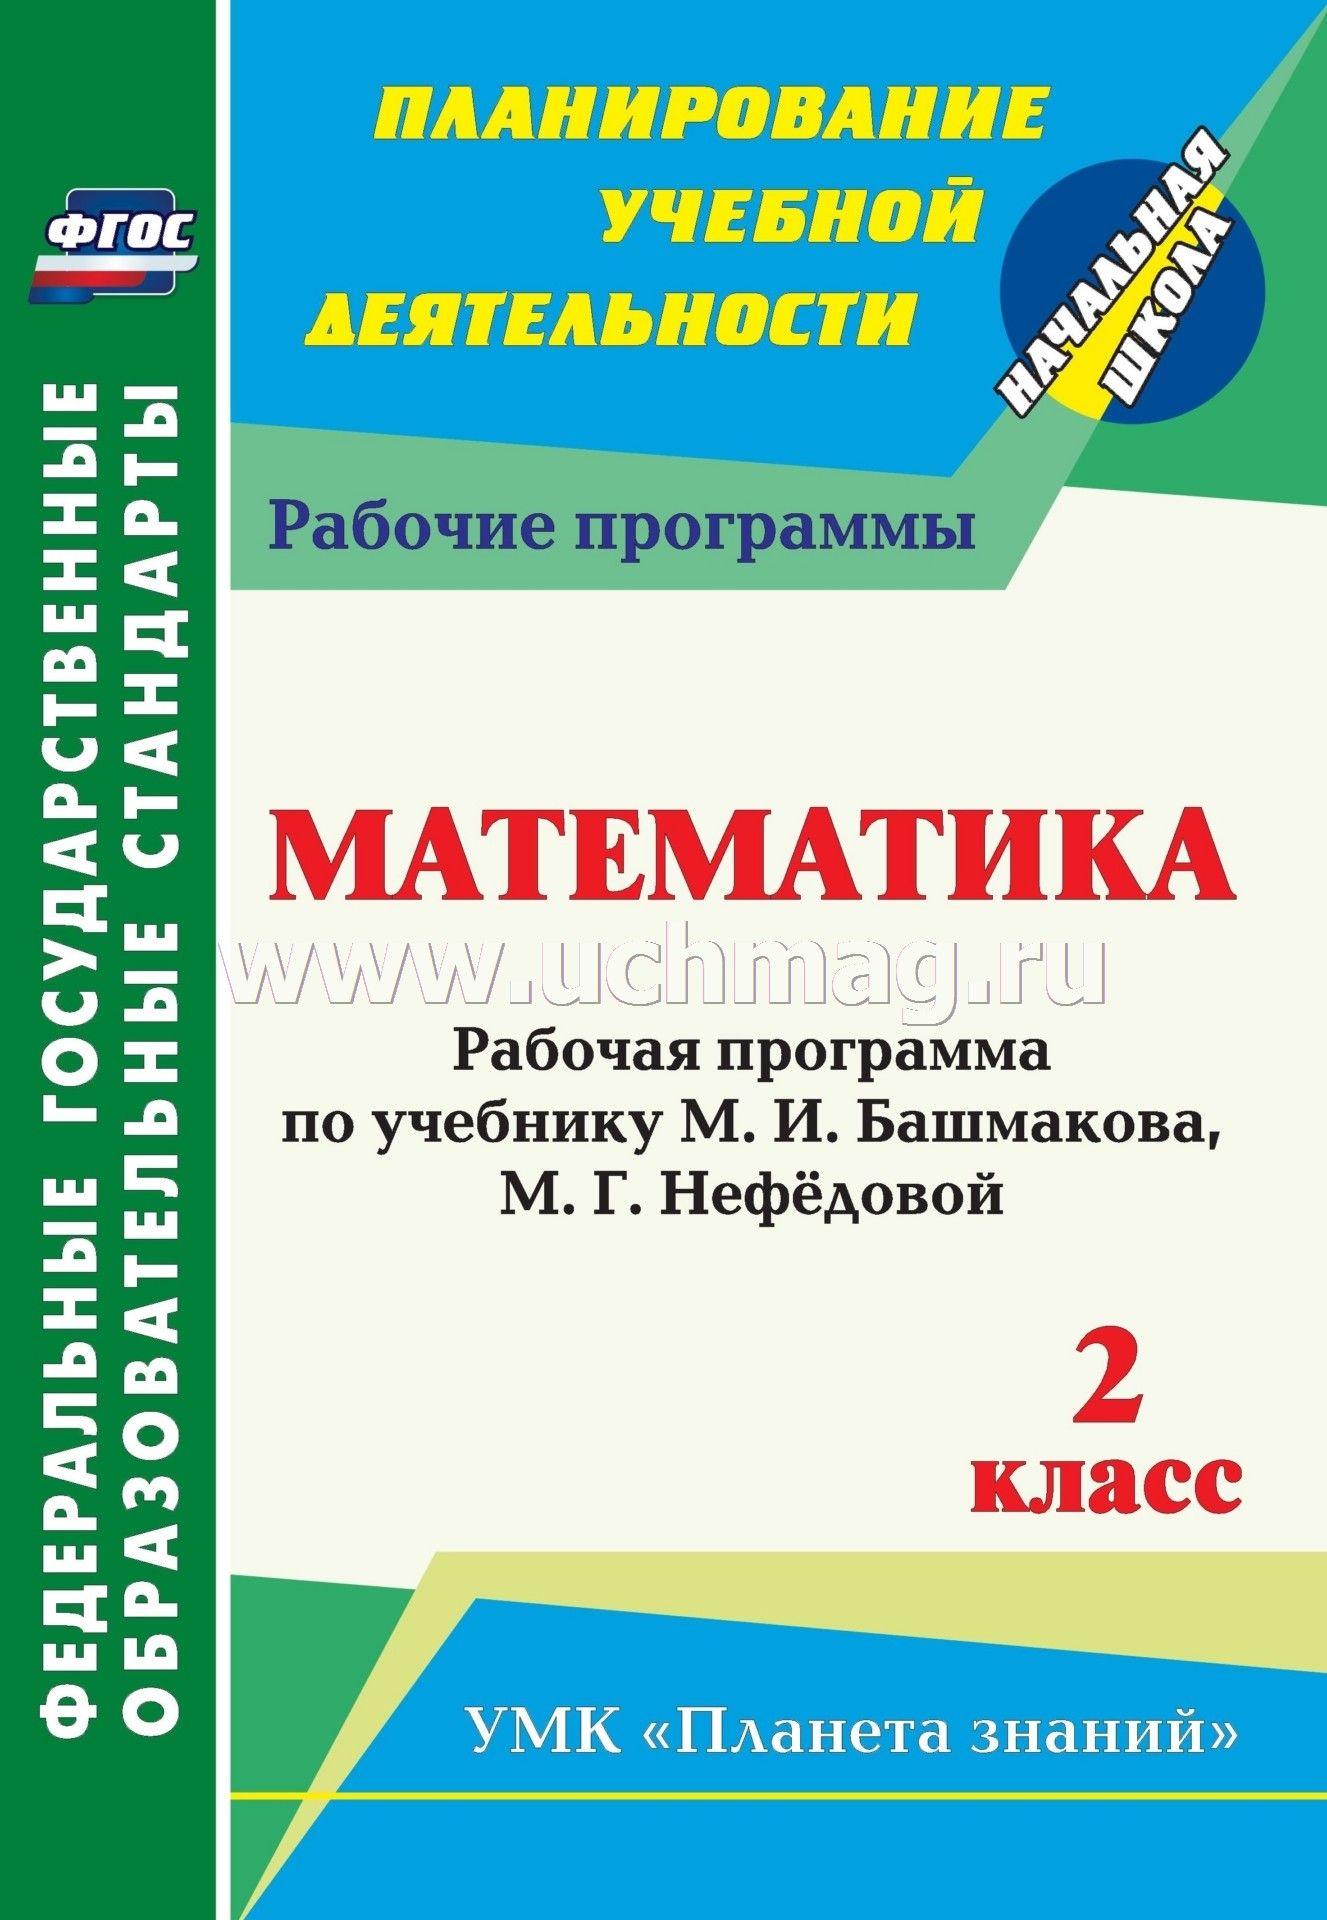 Пояснительная записка к рабочей программе математика 2 кл школа россии